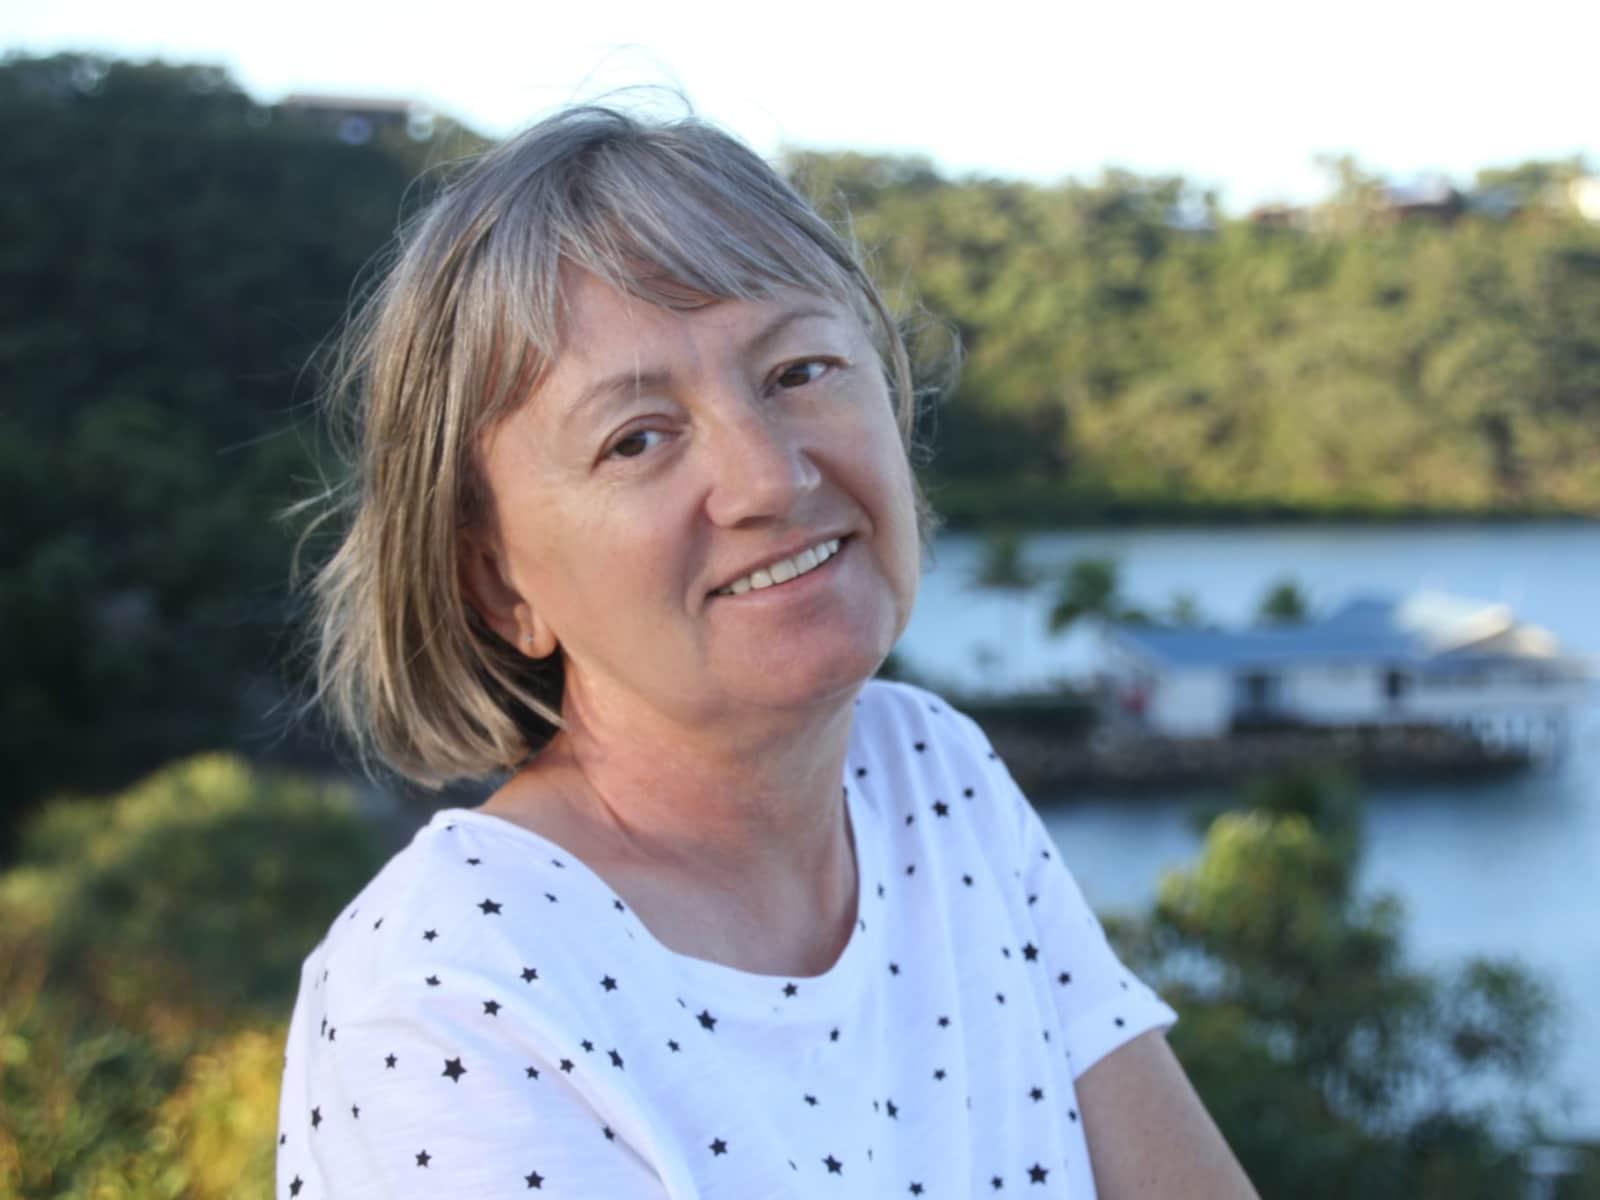 Marlene from Airlie Beach, Queensland, Australia